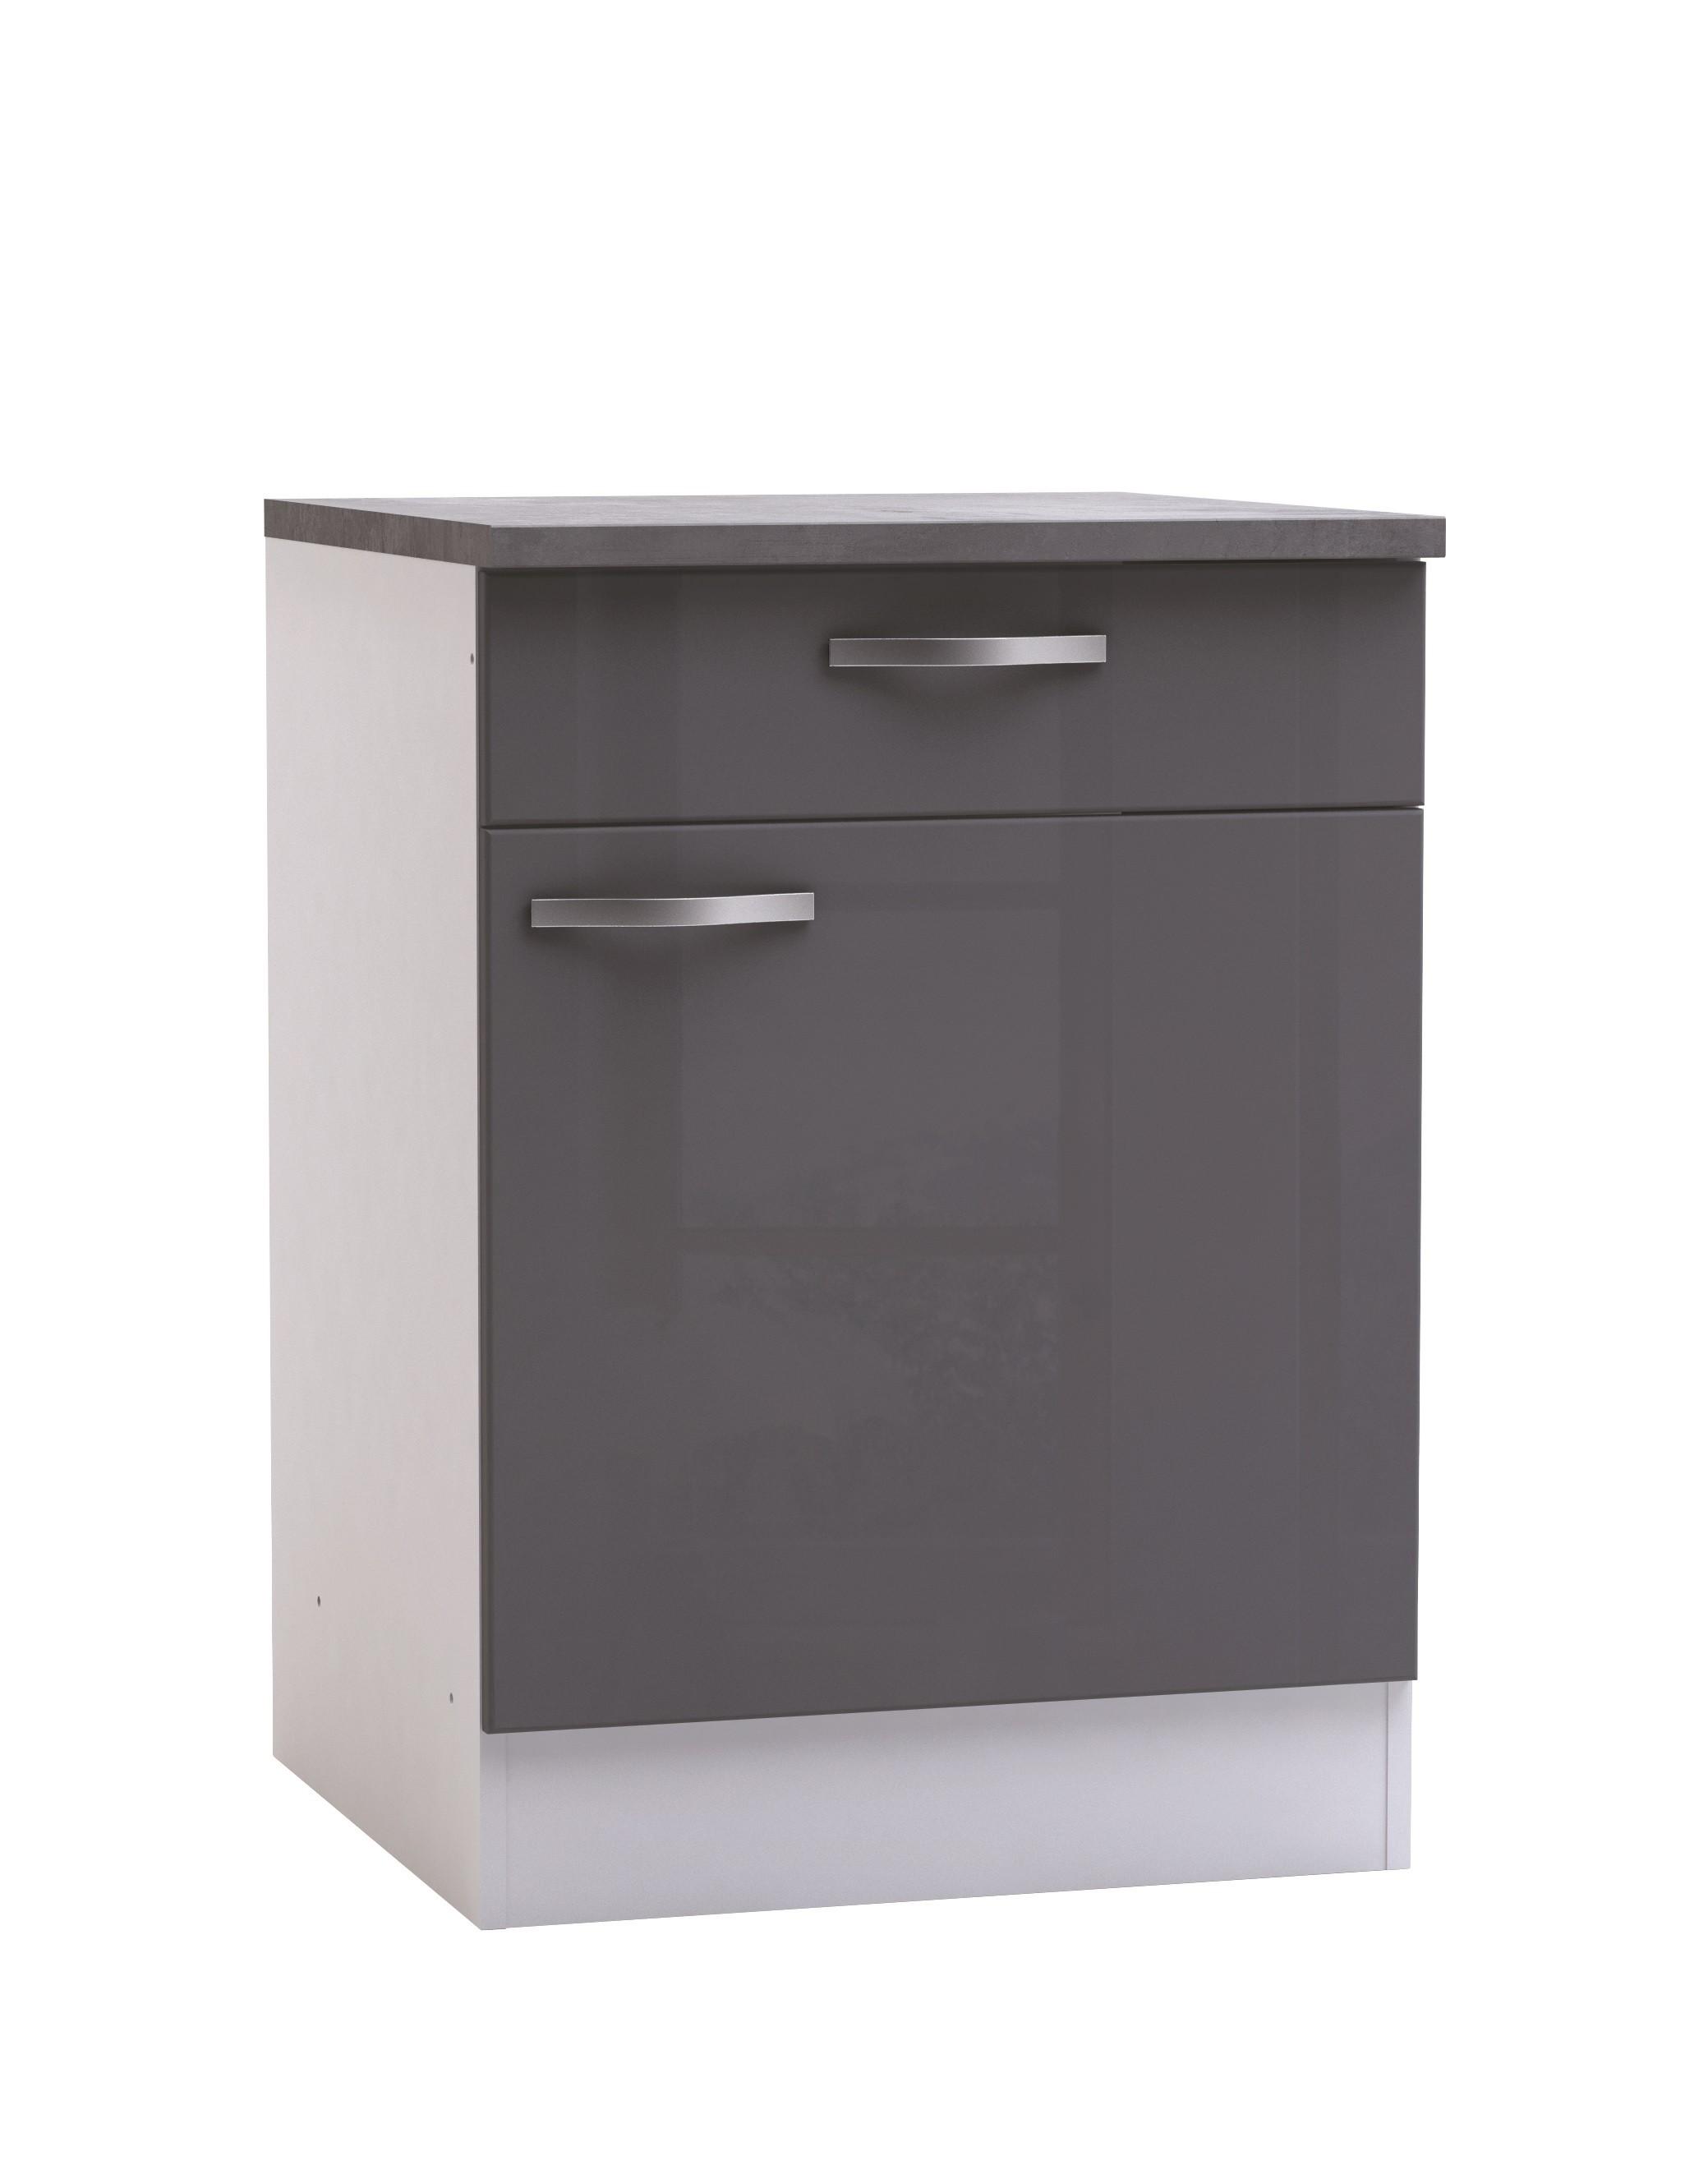 Petit meuble cuisine bas maison et mobilier d 39 int rieur for Petit meuble bas salon